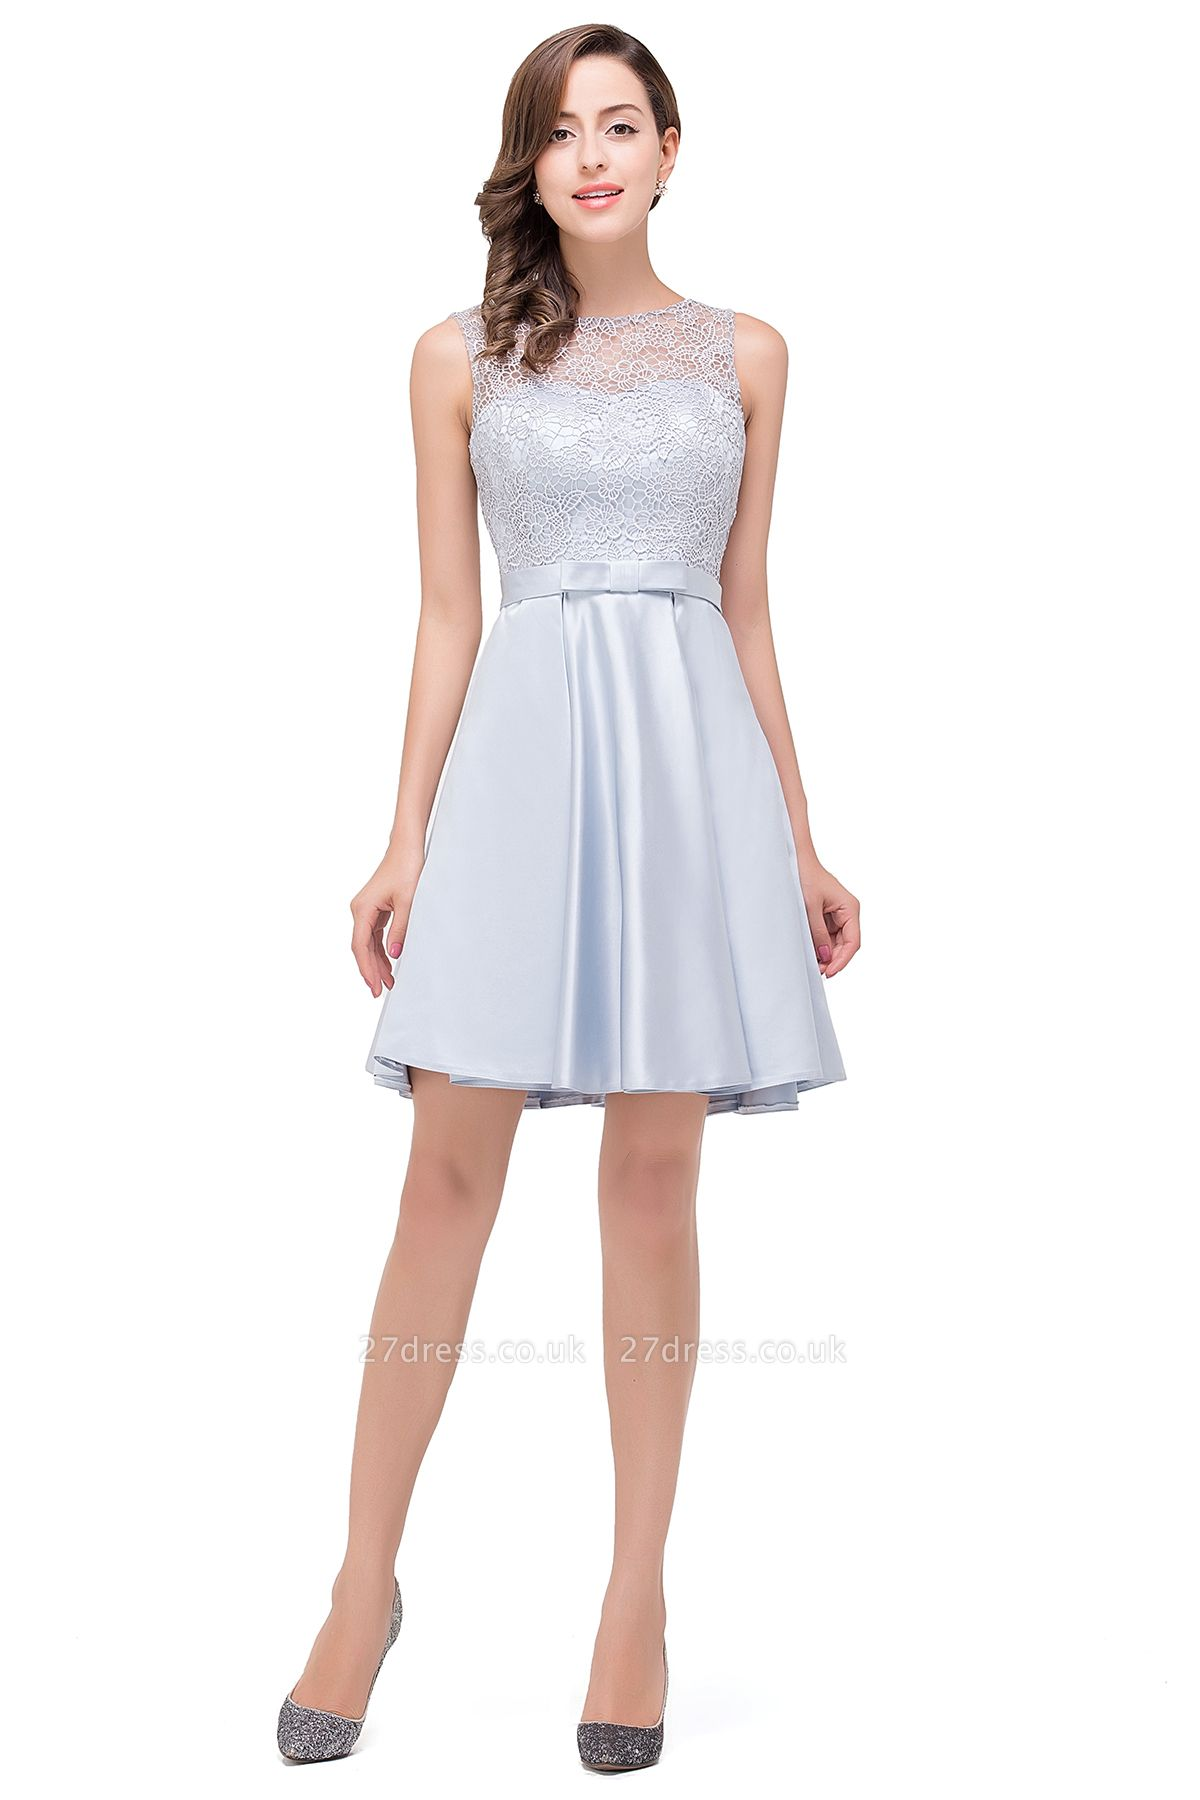 Short Lace Sexy Sleeveless Zipper Homecoming Dress UK